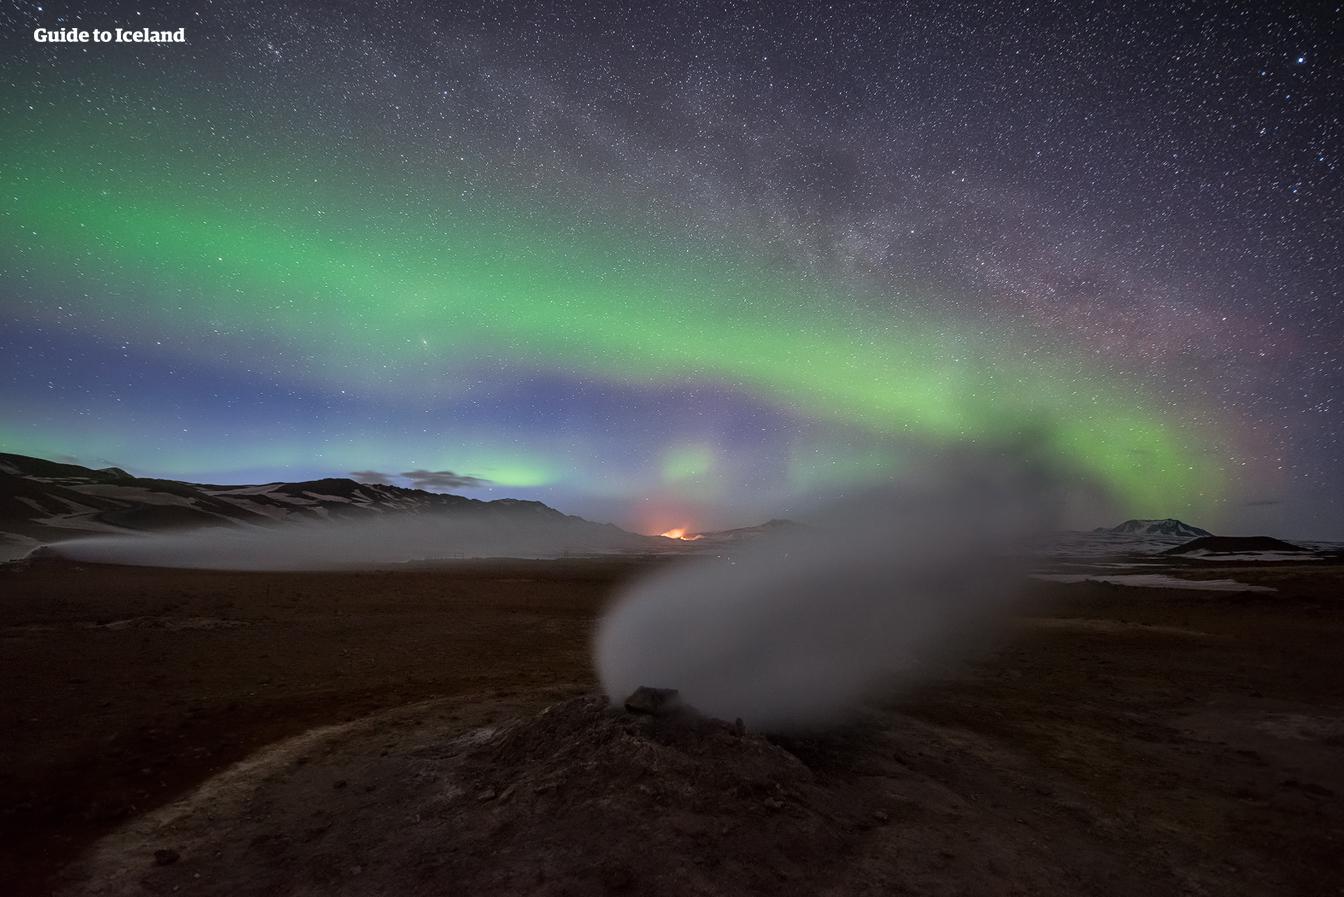 겨울에도 입장 가능한 뮈바튼 지열지대, 북부 아이슬란드.